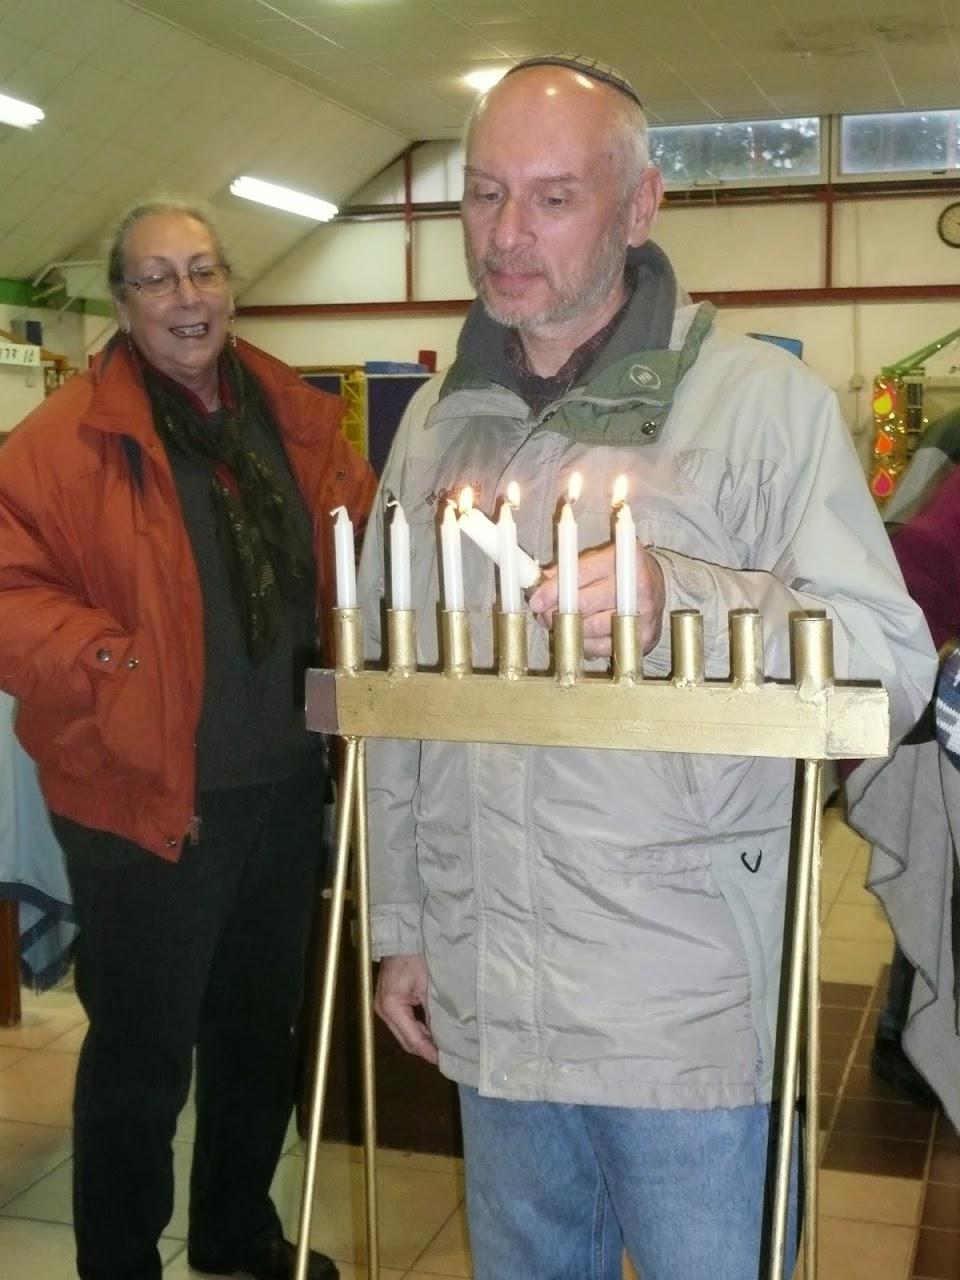 Hanukkah 2008  - 2008-12-26 16.19.11.jpg